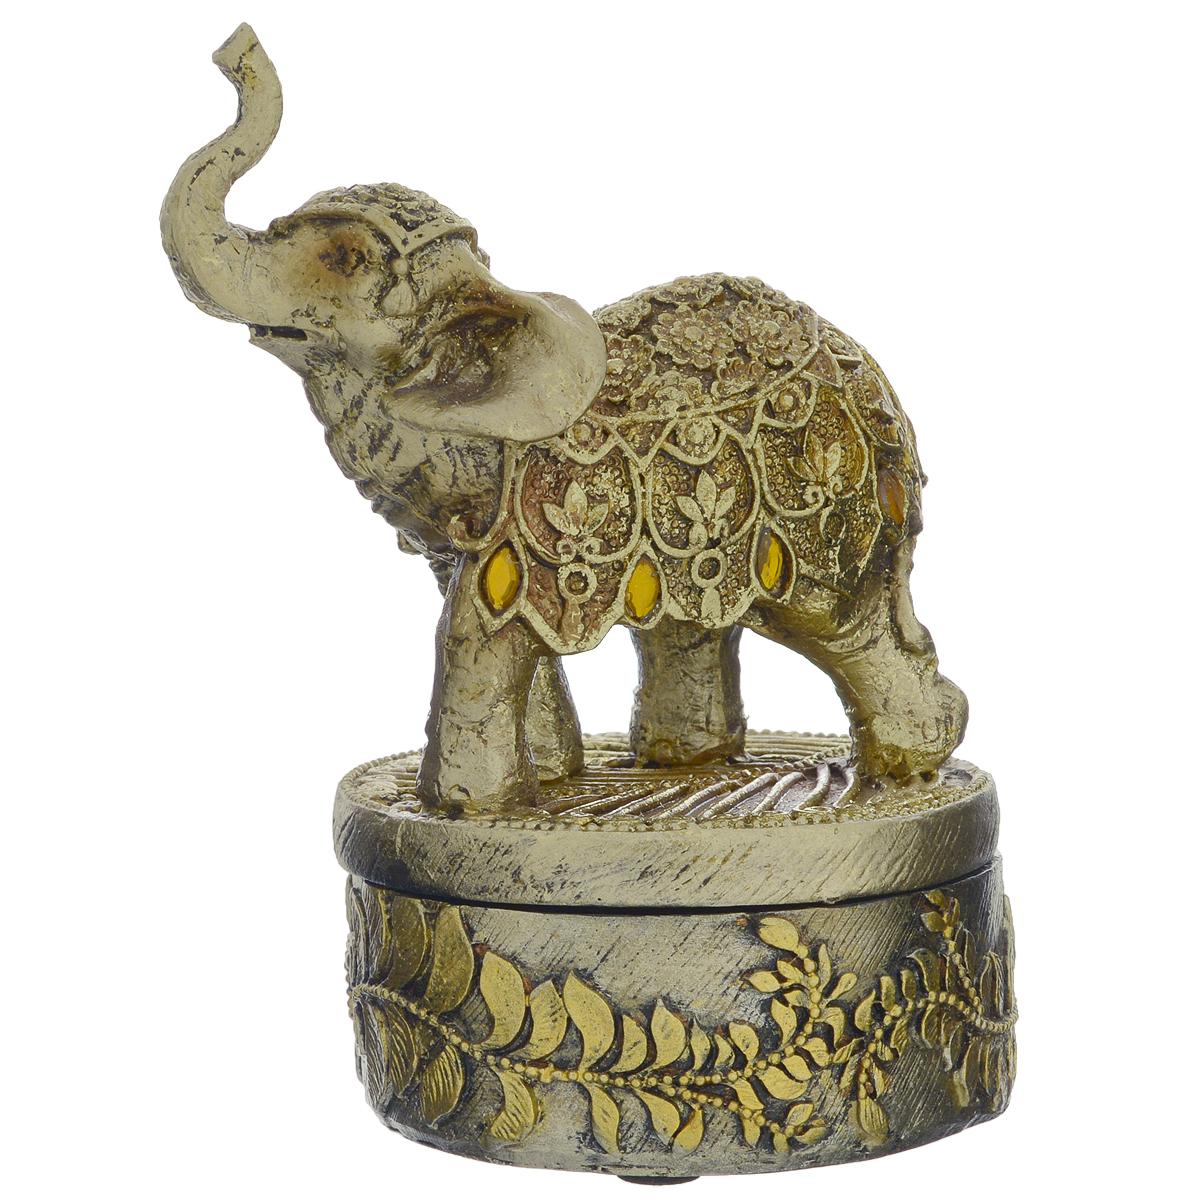 Фигурка декоративная Molento Умный слон, высота 13,5 см549-202Декоративная фигурка Molento Умный слон, изготовленная из полистоуна, выполнена в виде слона на постаменте и украшена рельефным рисунком и стразами. Такая фигурка станет отличным дополнением к интерьеру. Вы можете поставить фигурку в любом месте, где она будет удачно смотреться, и радовать глаз. Кроме того, фигурка Умный слон станет чудесным сувениром для ваших друзей и близких. Размер фигурки: 10 см х 8 см х 13,5 см.